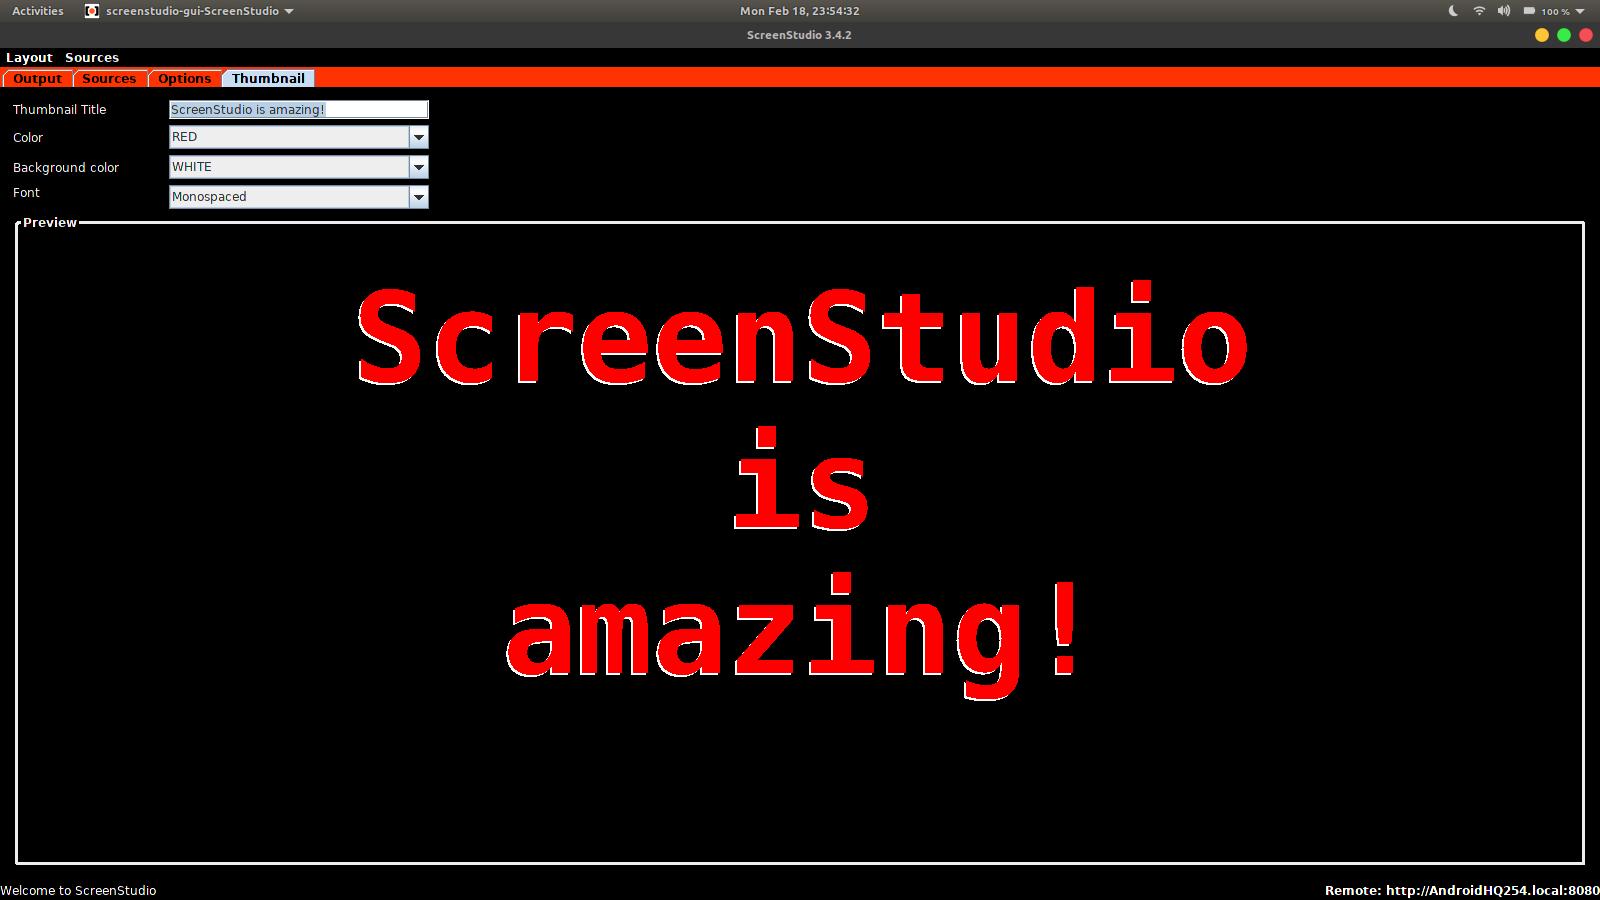 screenstudio